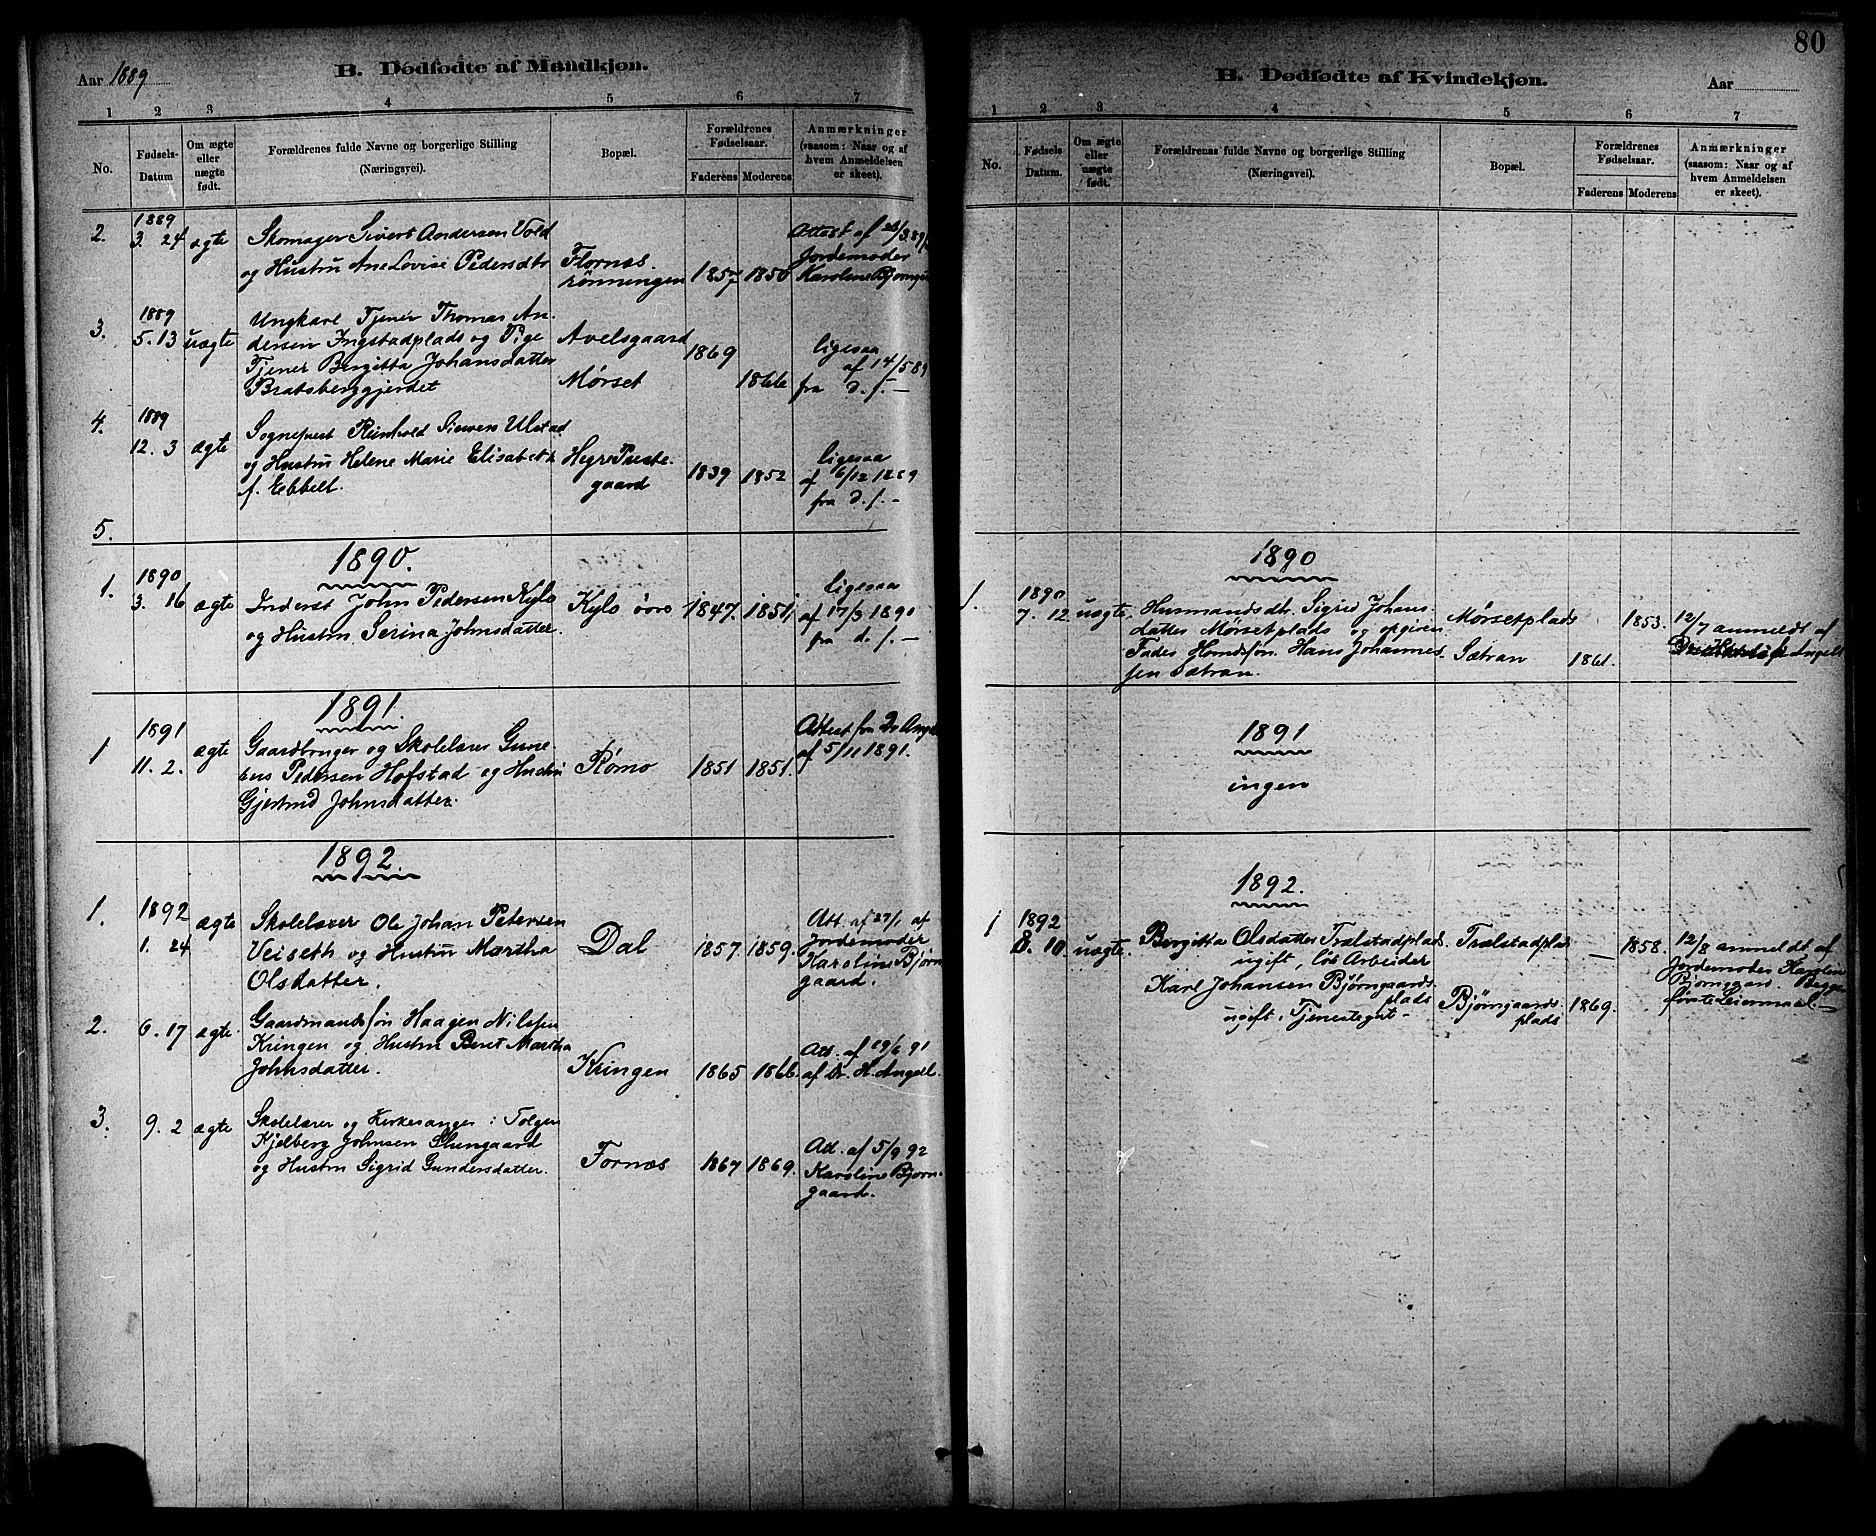 SAT, Ministerialprotokoller, klokkerbøker og fødselsregistre - Nord-Trøndelag, 703/L0030: Ministerialbok nr. 703A03, 1880-1892, s. 80